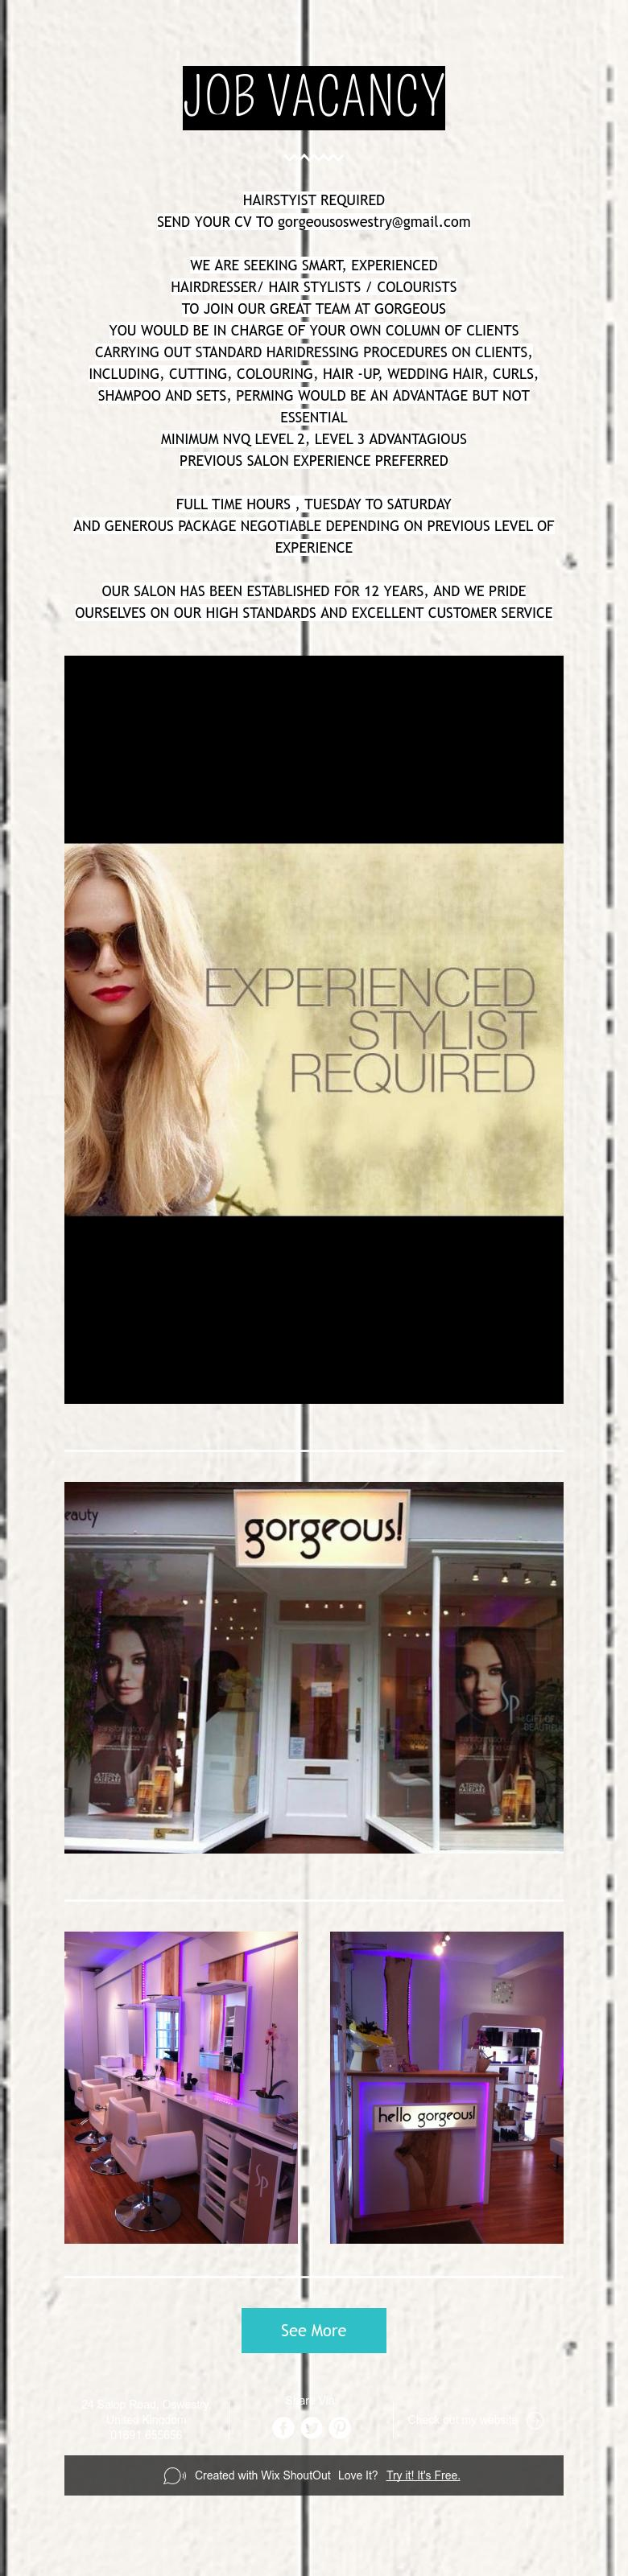 Job vacancy hair stylist jobs hair and beauty salon